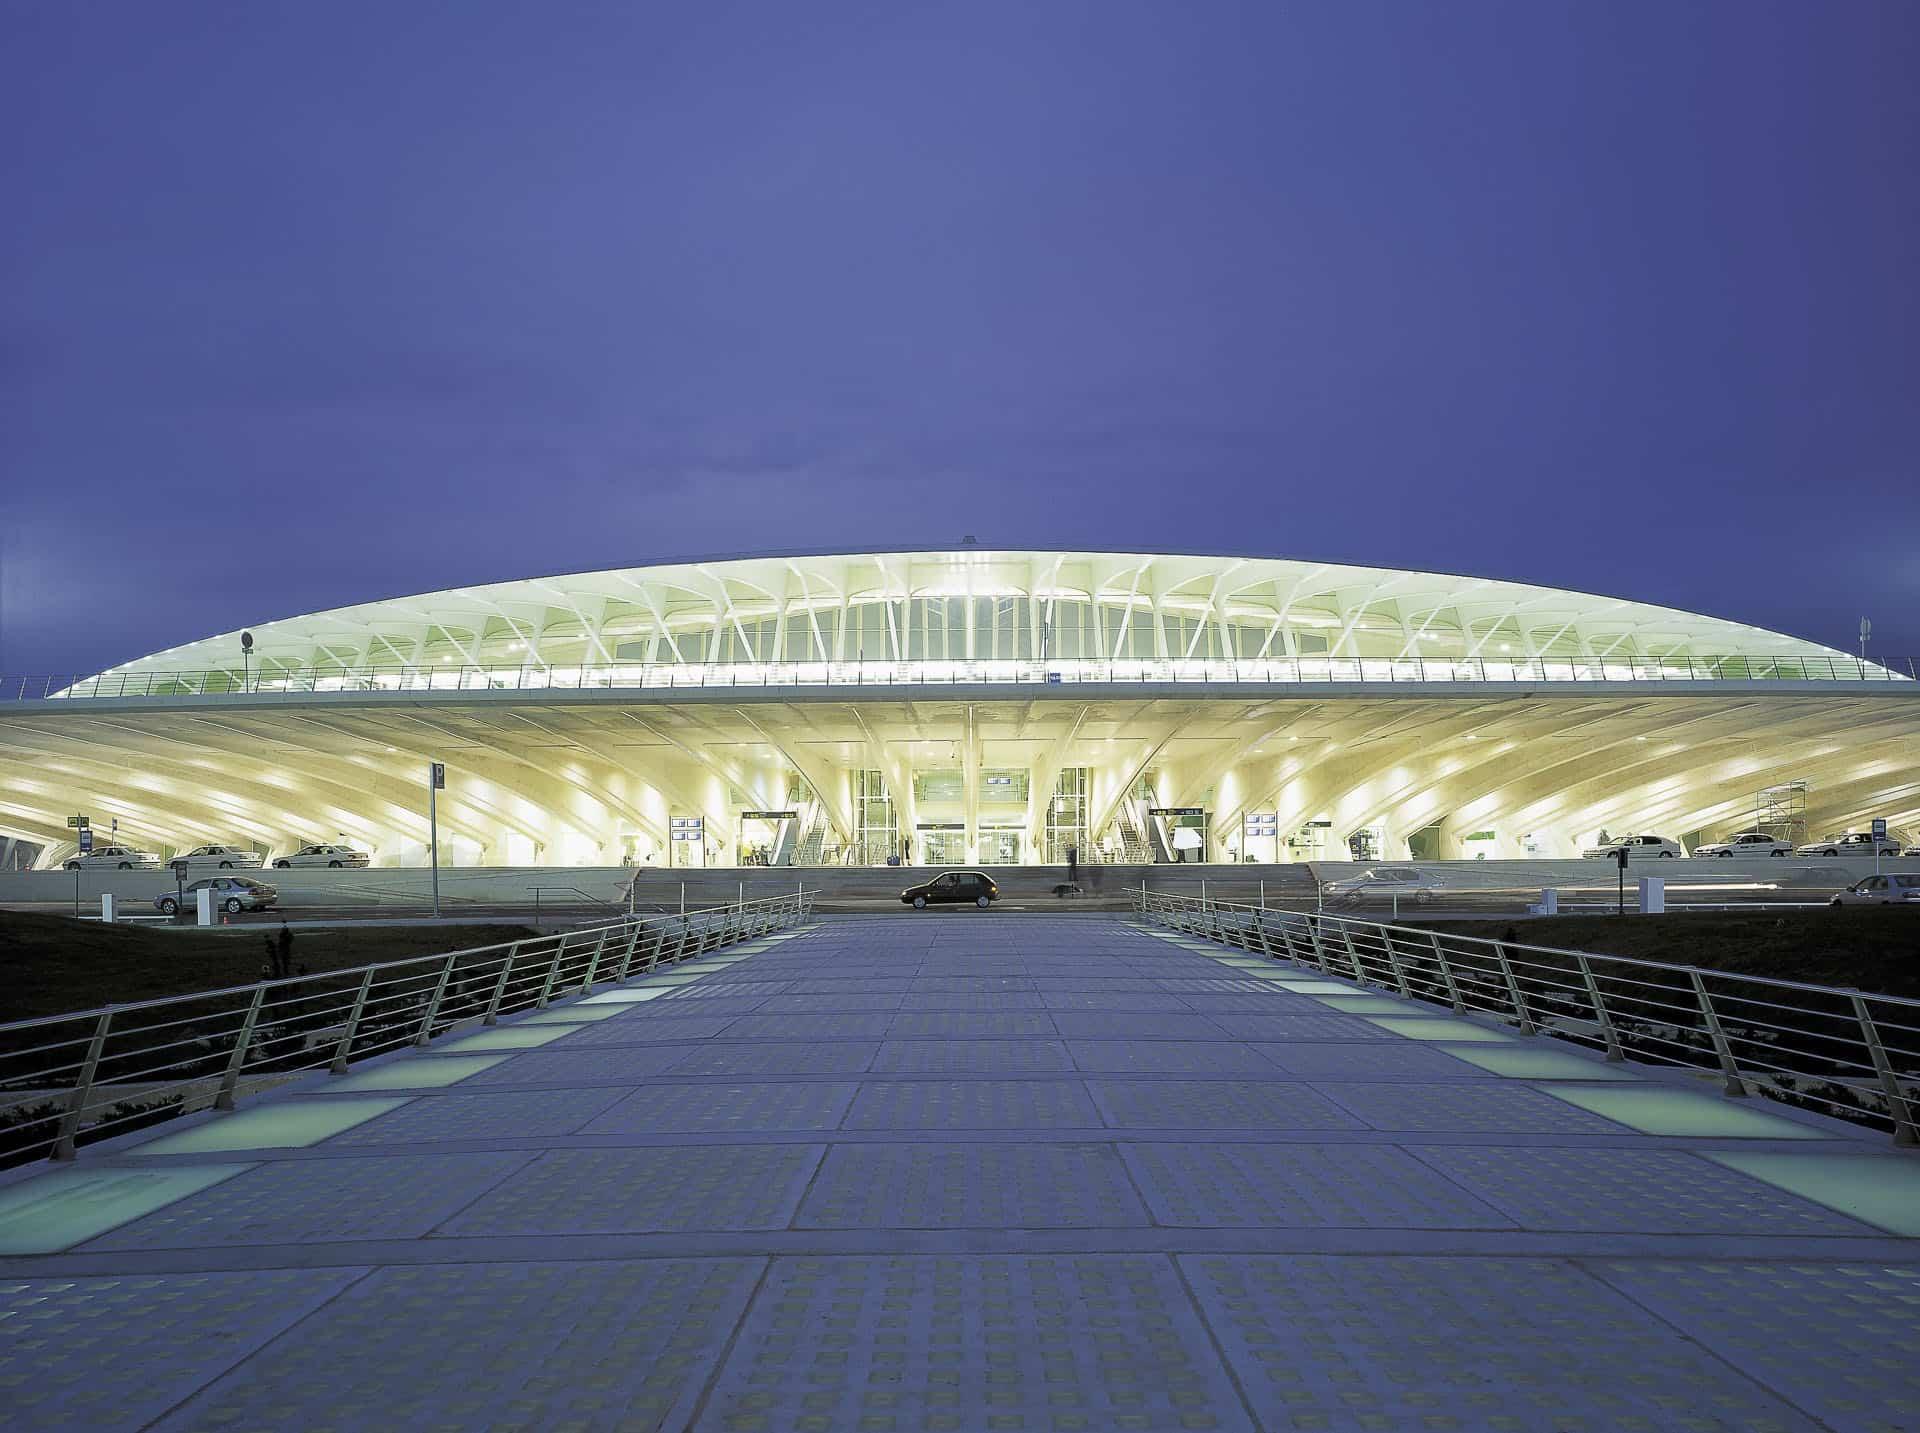 bilbao-sondica-airport-01